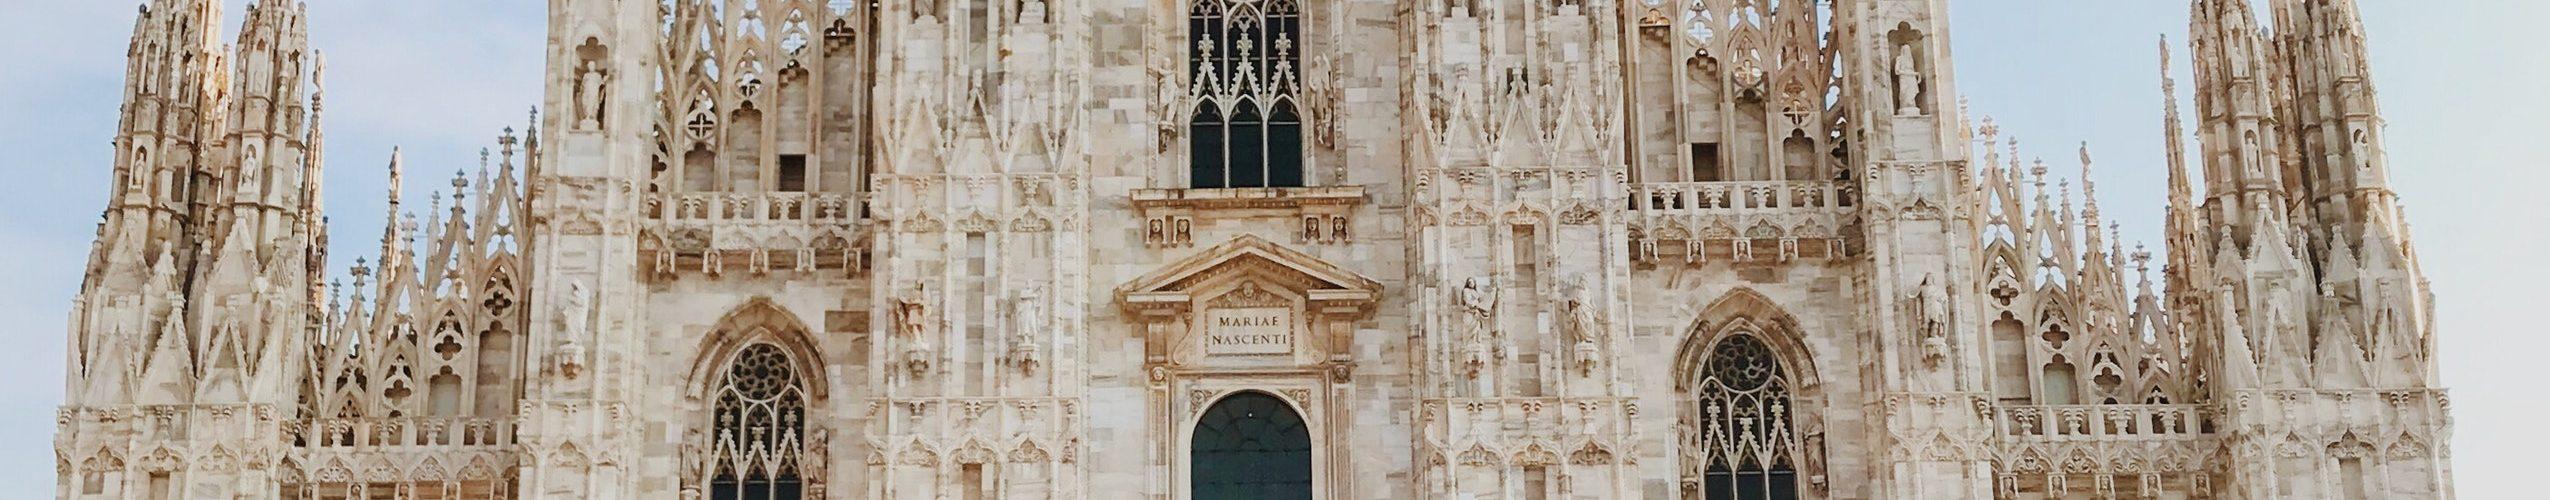 Kathedraal Milaan